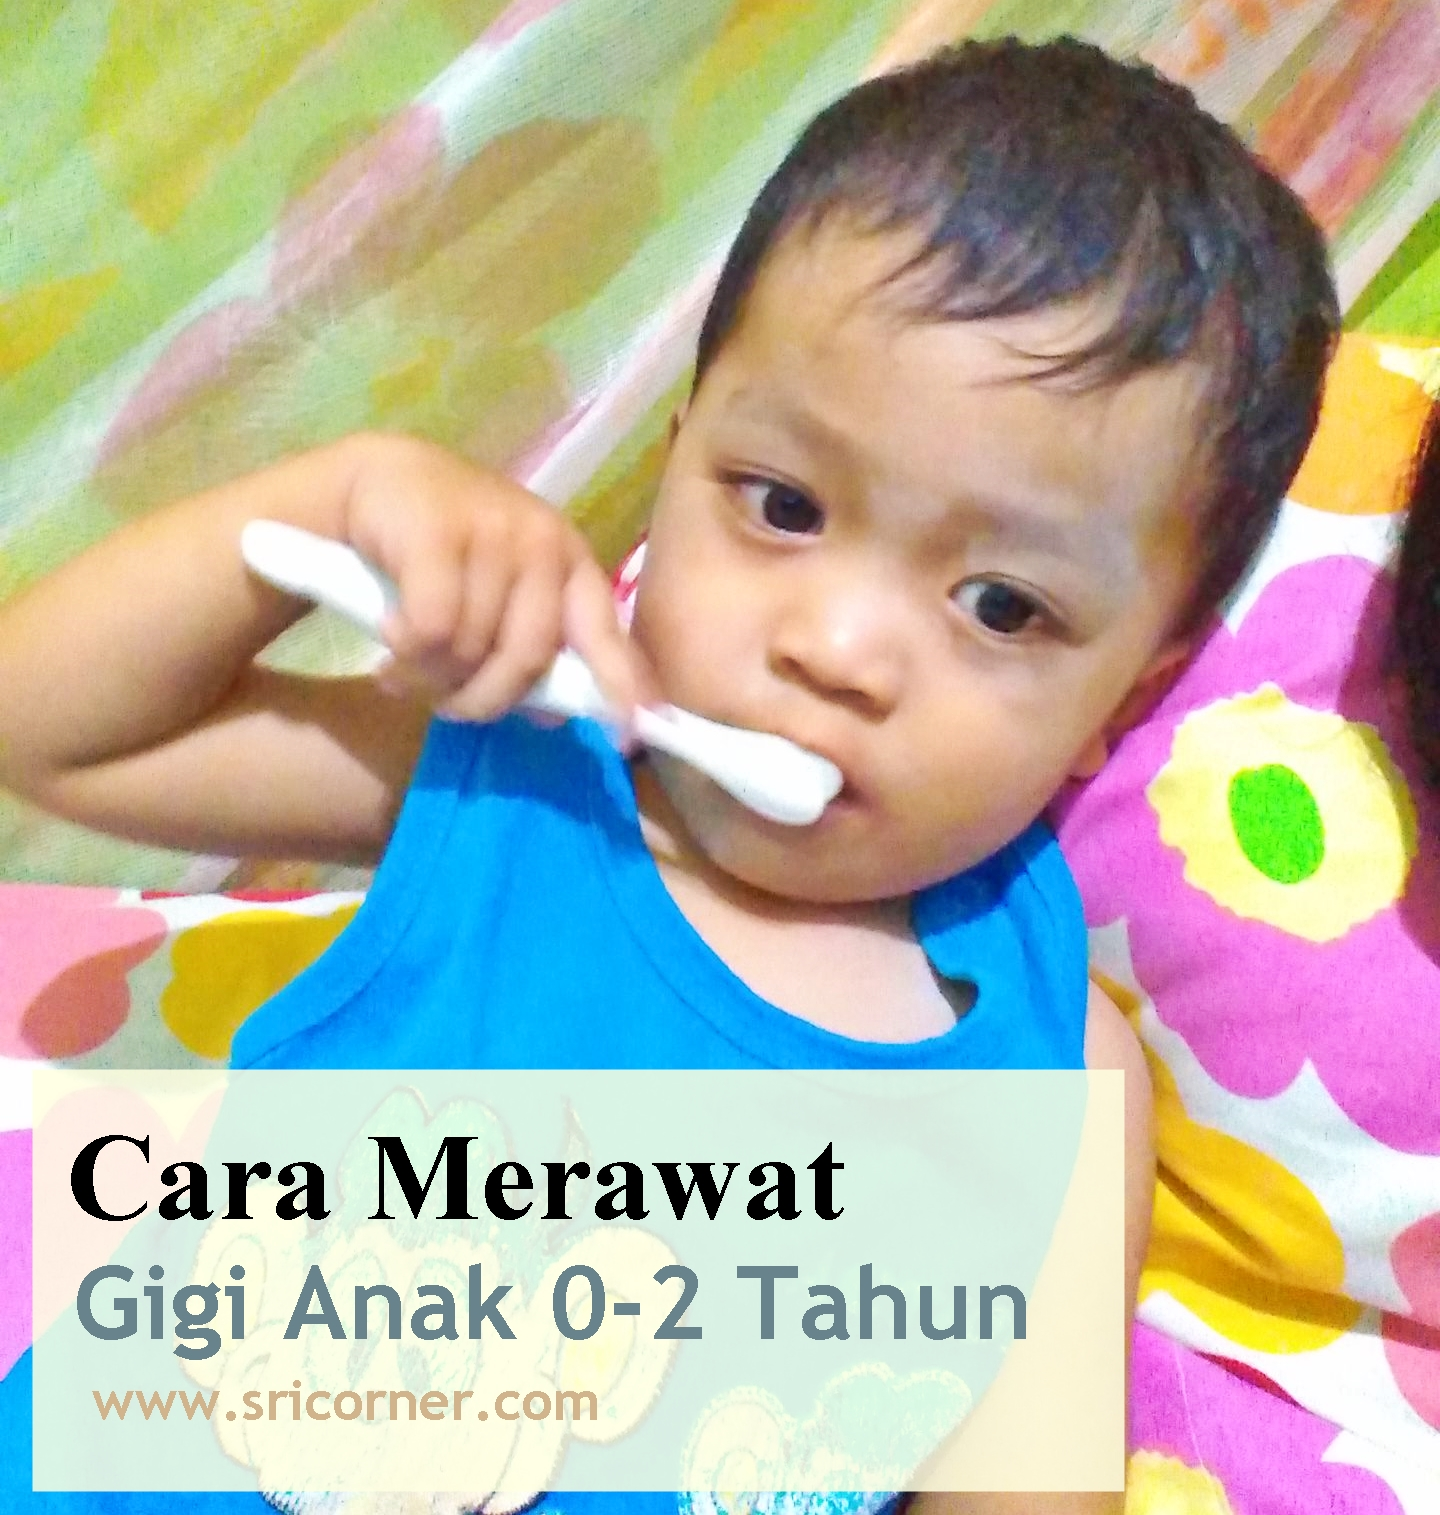 Cara Merawat Gigi Anak Usia 0 2 Tahun Sri Corner